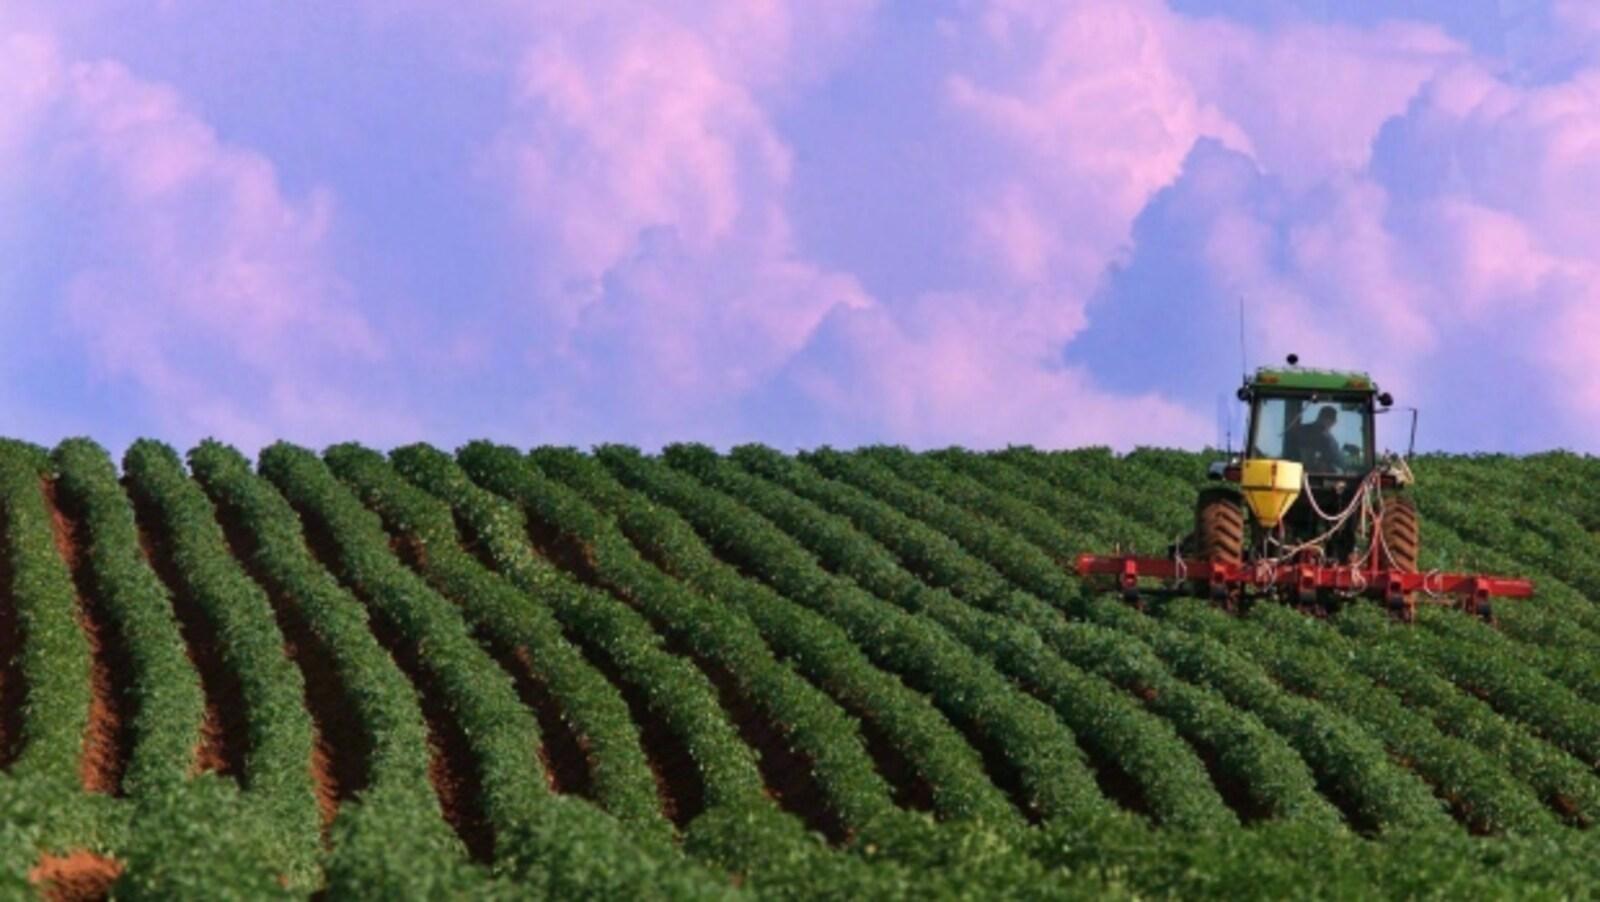 Un agriculteur travaille dans son champ de pommes de terre à l'Ïle-du-Prince-Édouard